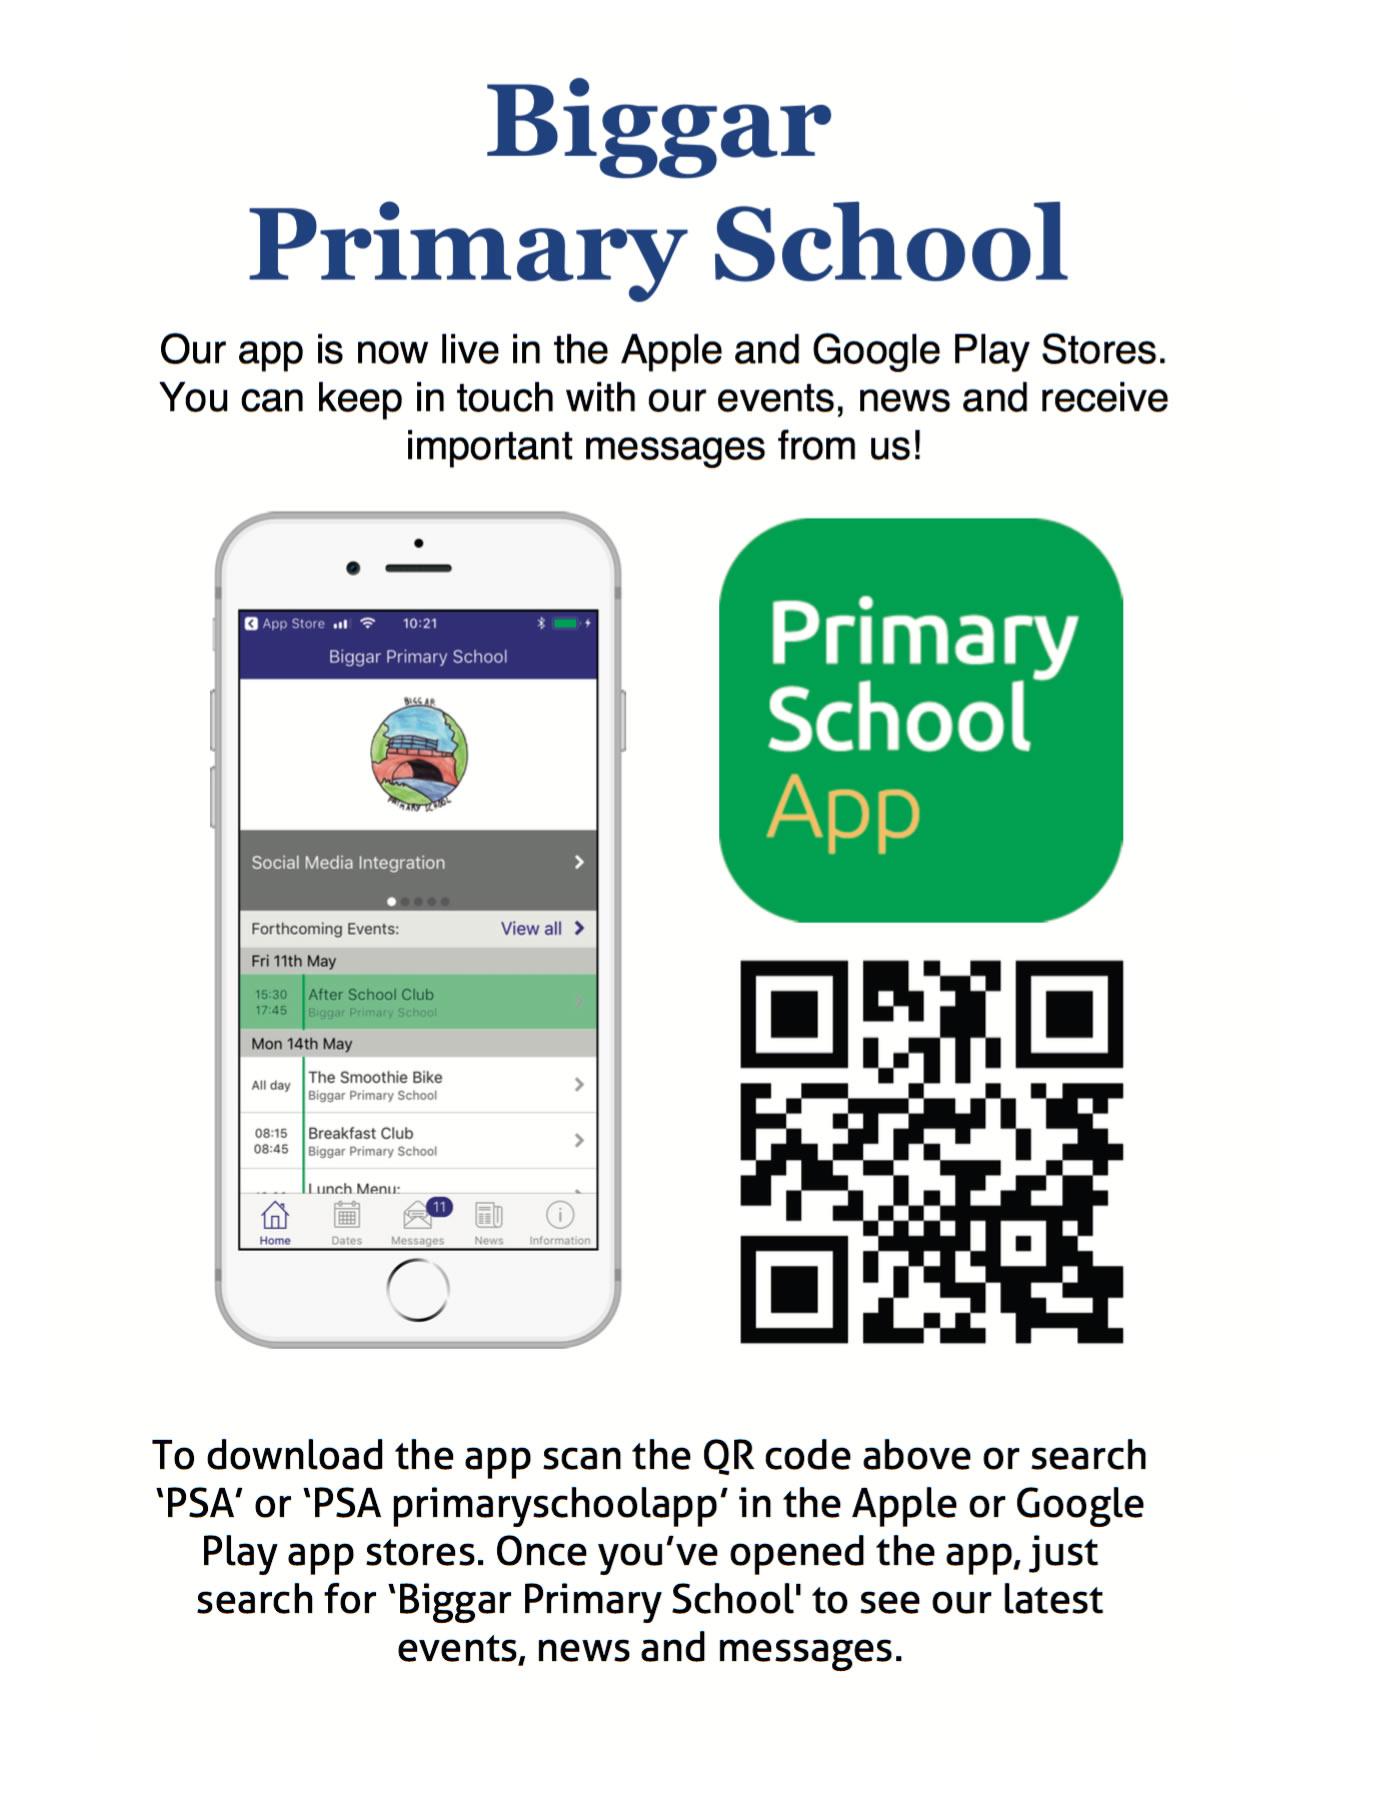 Biggar School App Instructions